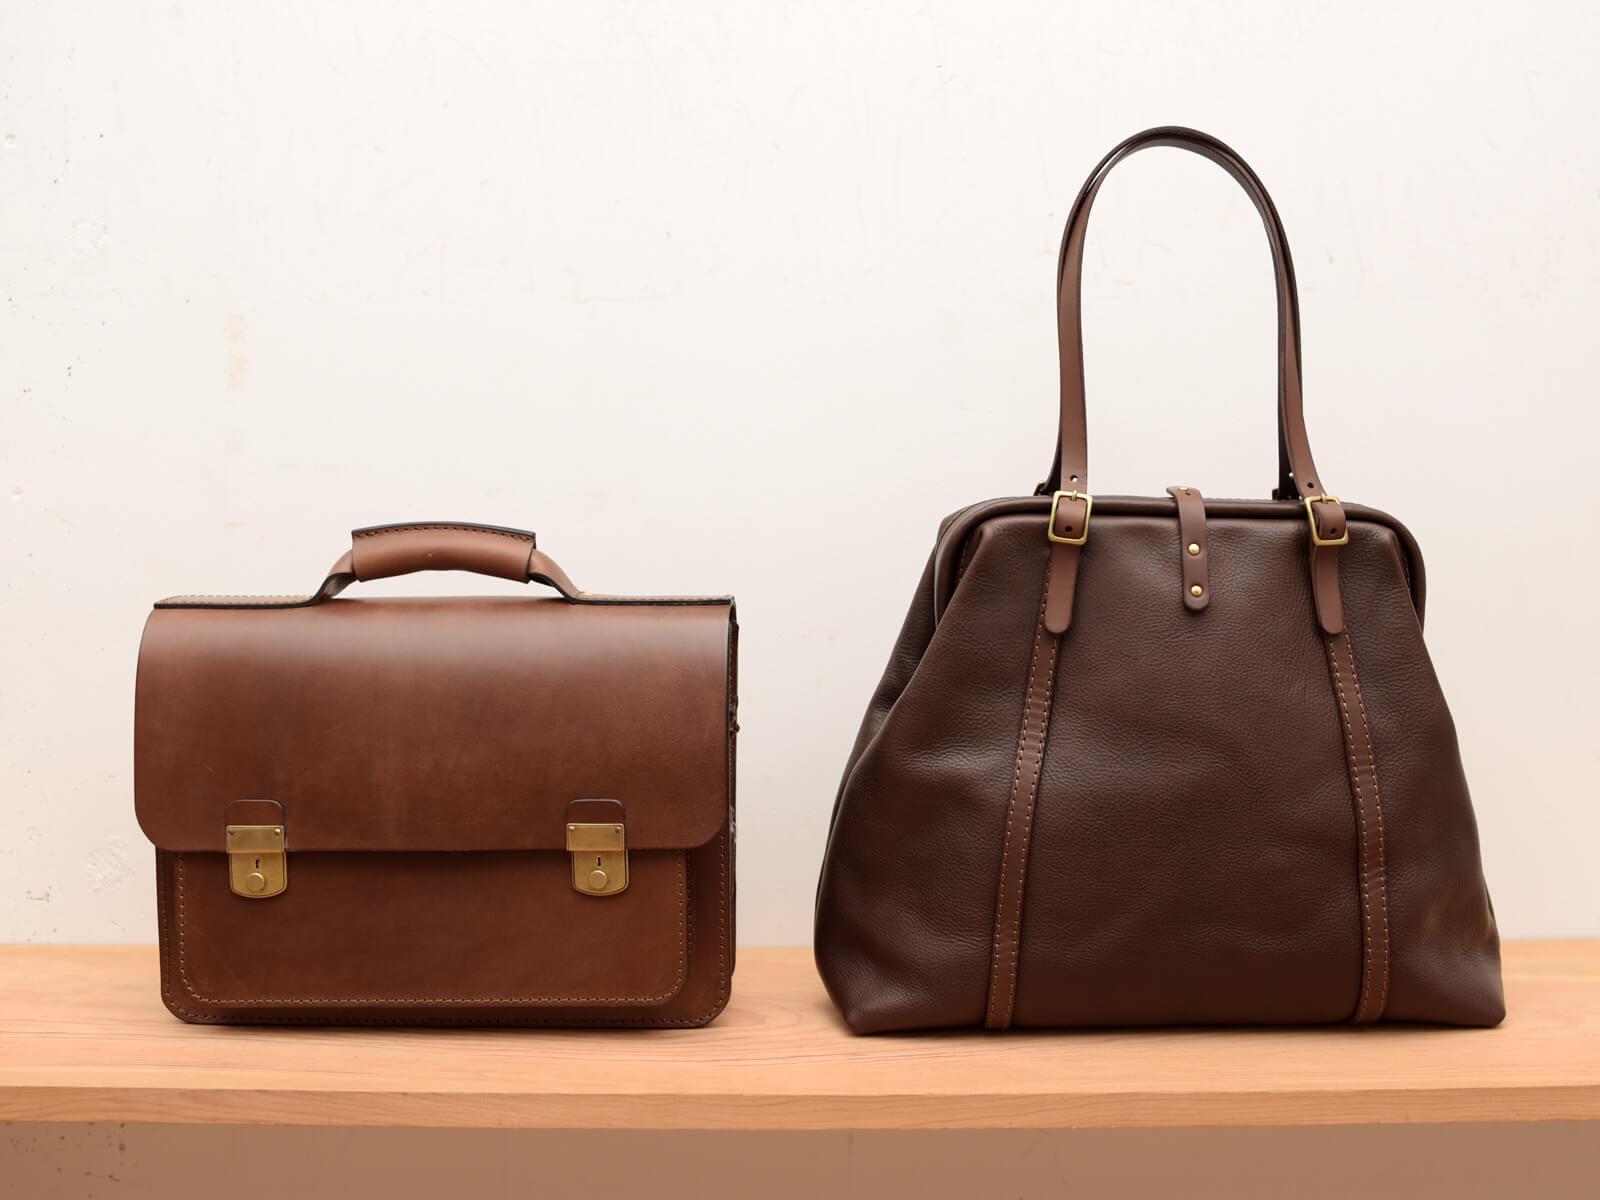 ドラマ『遺産相続弁護士 柿崎真一』にHERZのバッグが使用されています